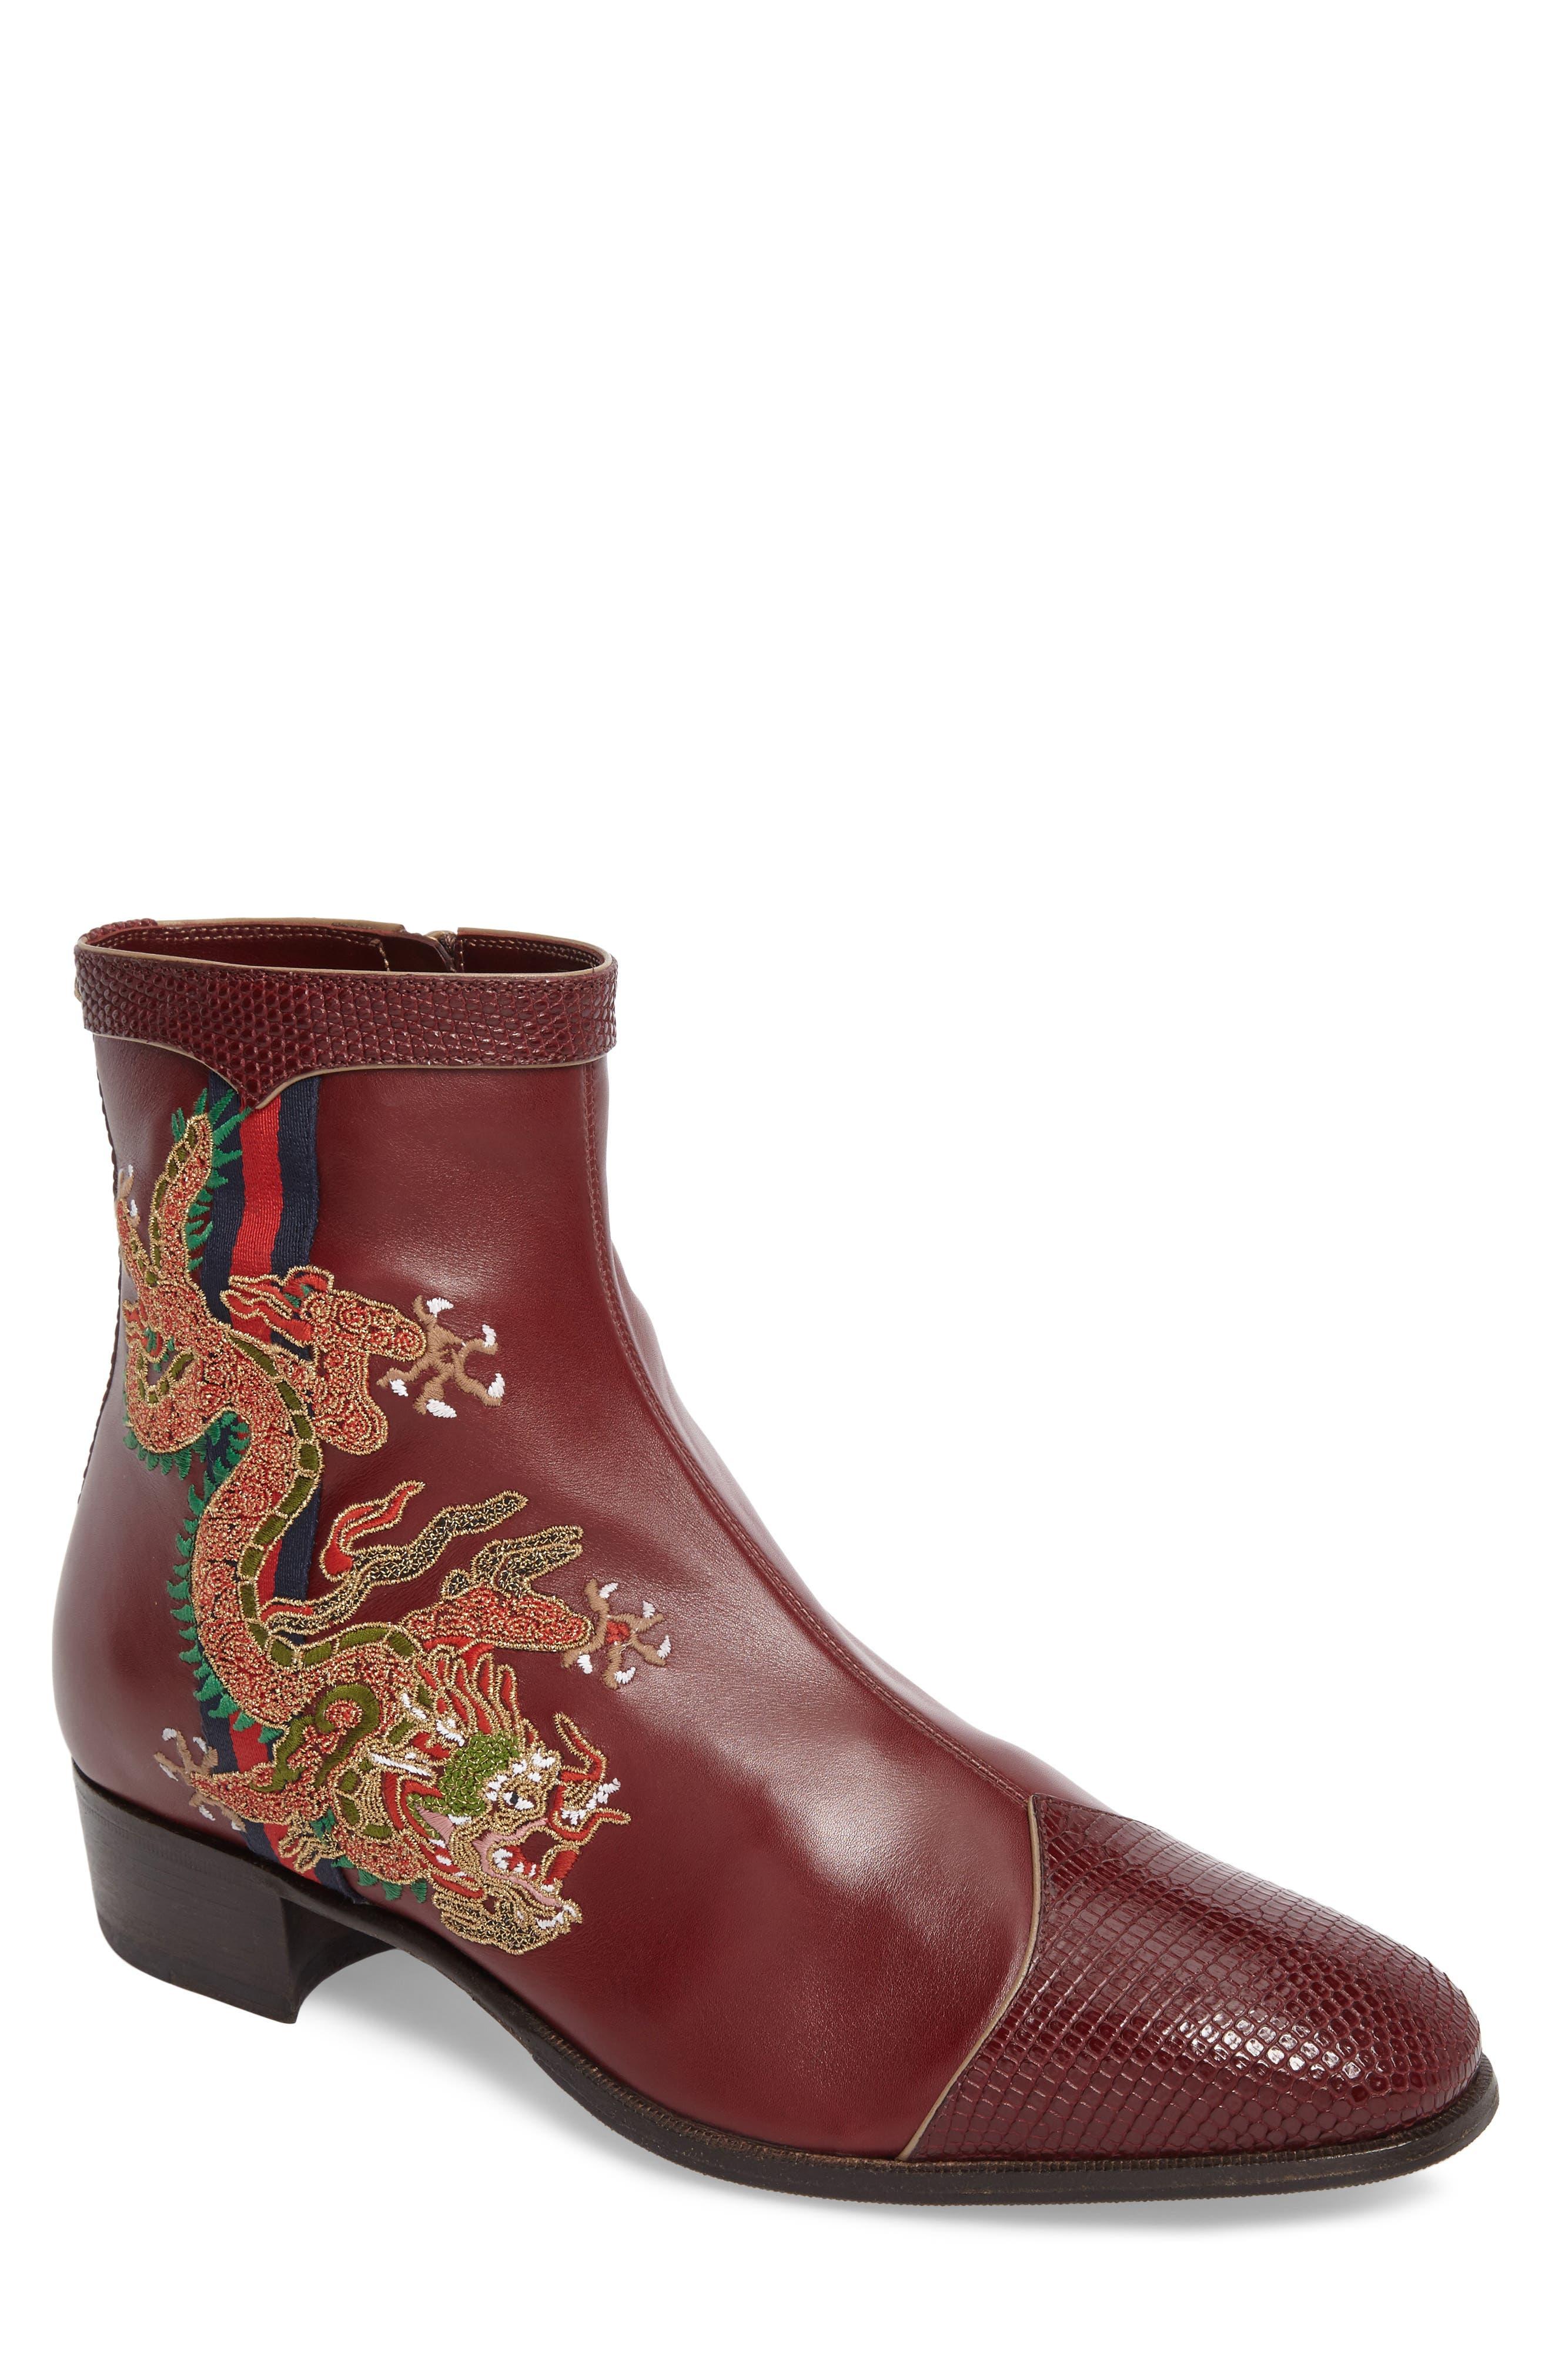 Dragon Leather Boot,                             Main thumbnail 1, color,                             BORDEAUX